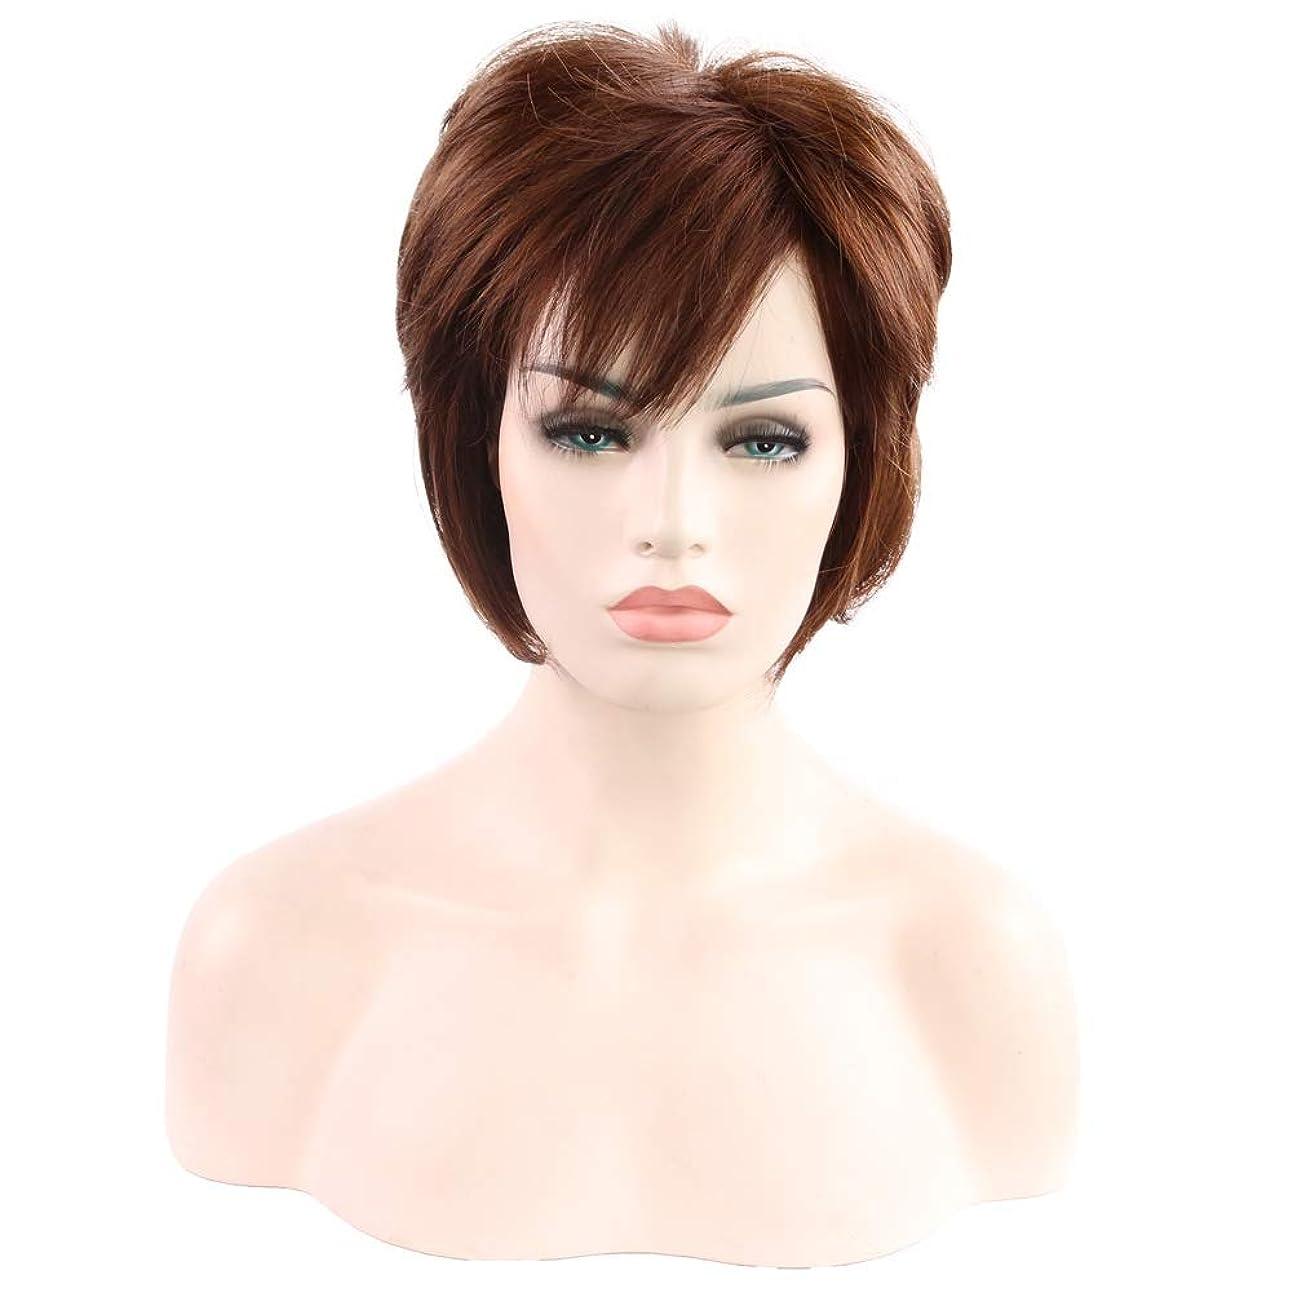 頬女王財布女性用ブラウンショートカーリーヘアウィッグ自然髪ウィッグ前髪付き合成フルヘアウィッグ女性用ハロウィンコスプレパーティーウィッグ